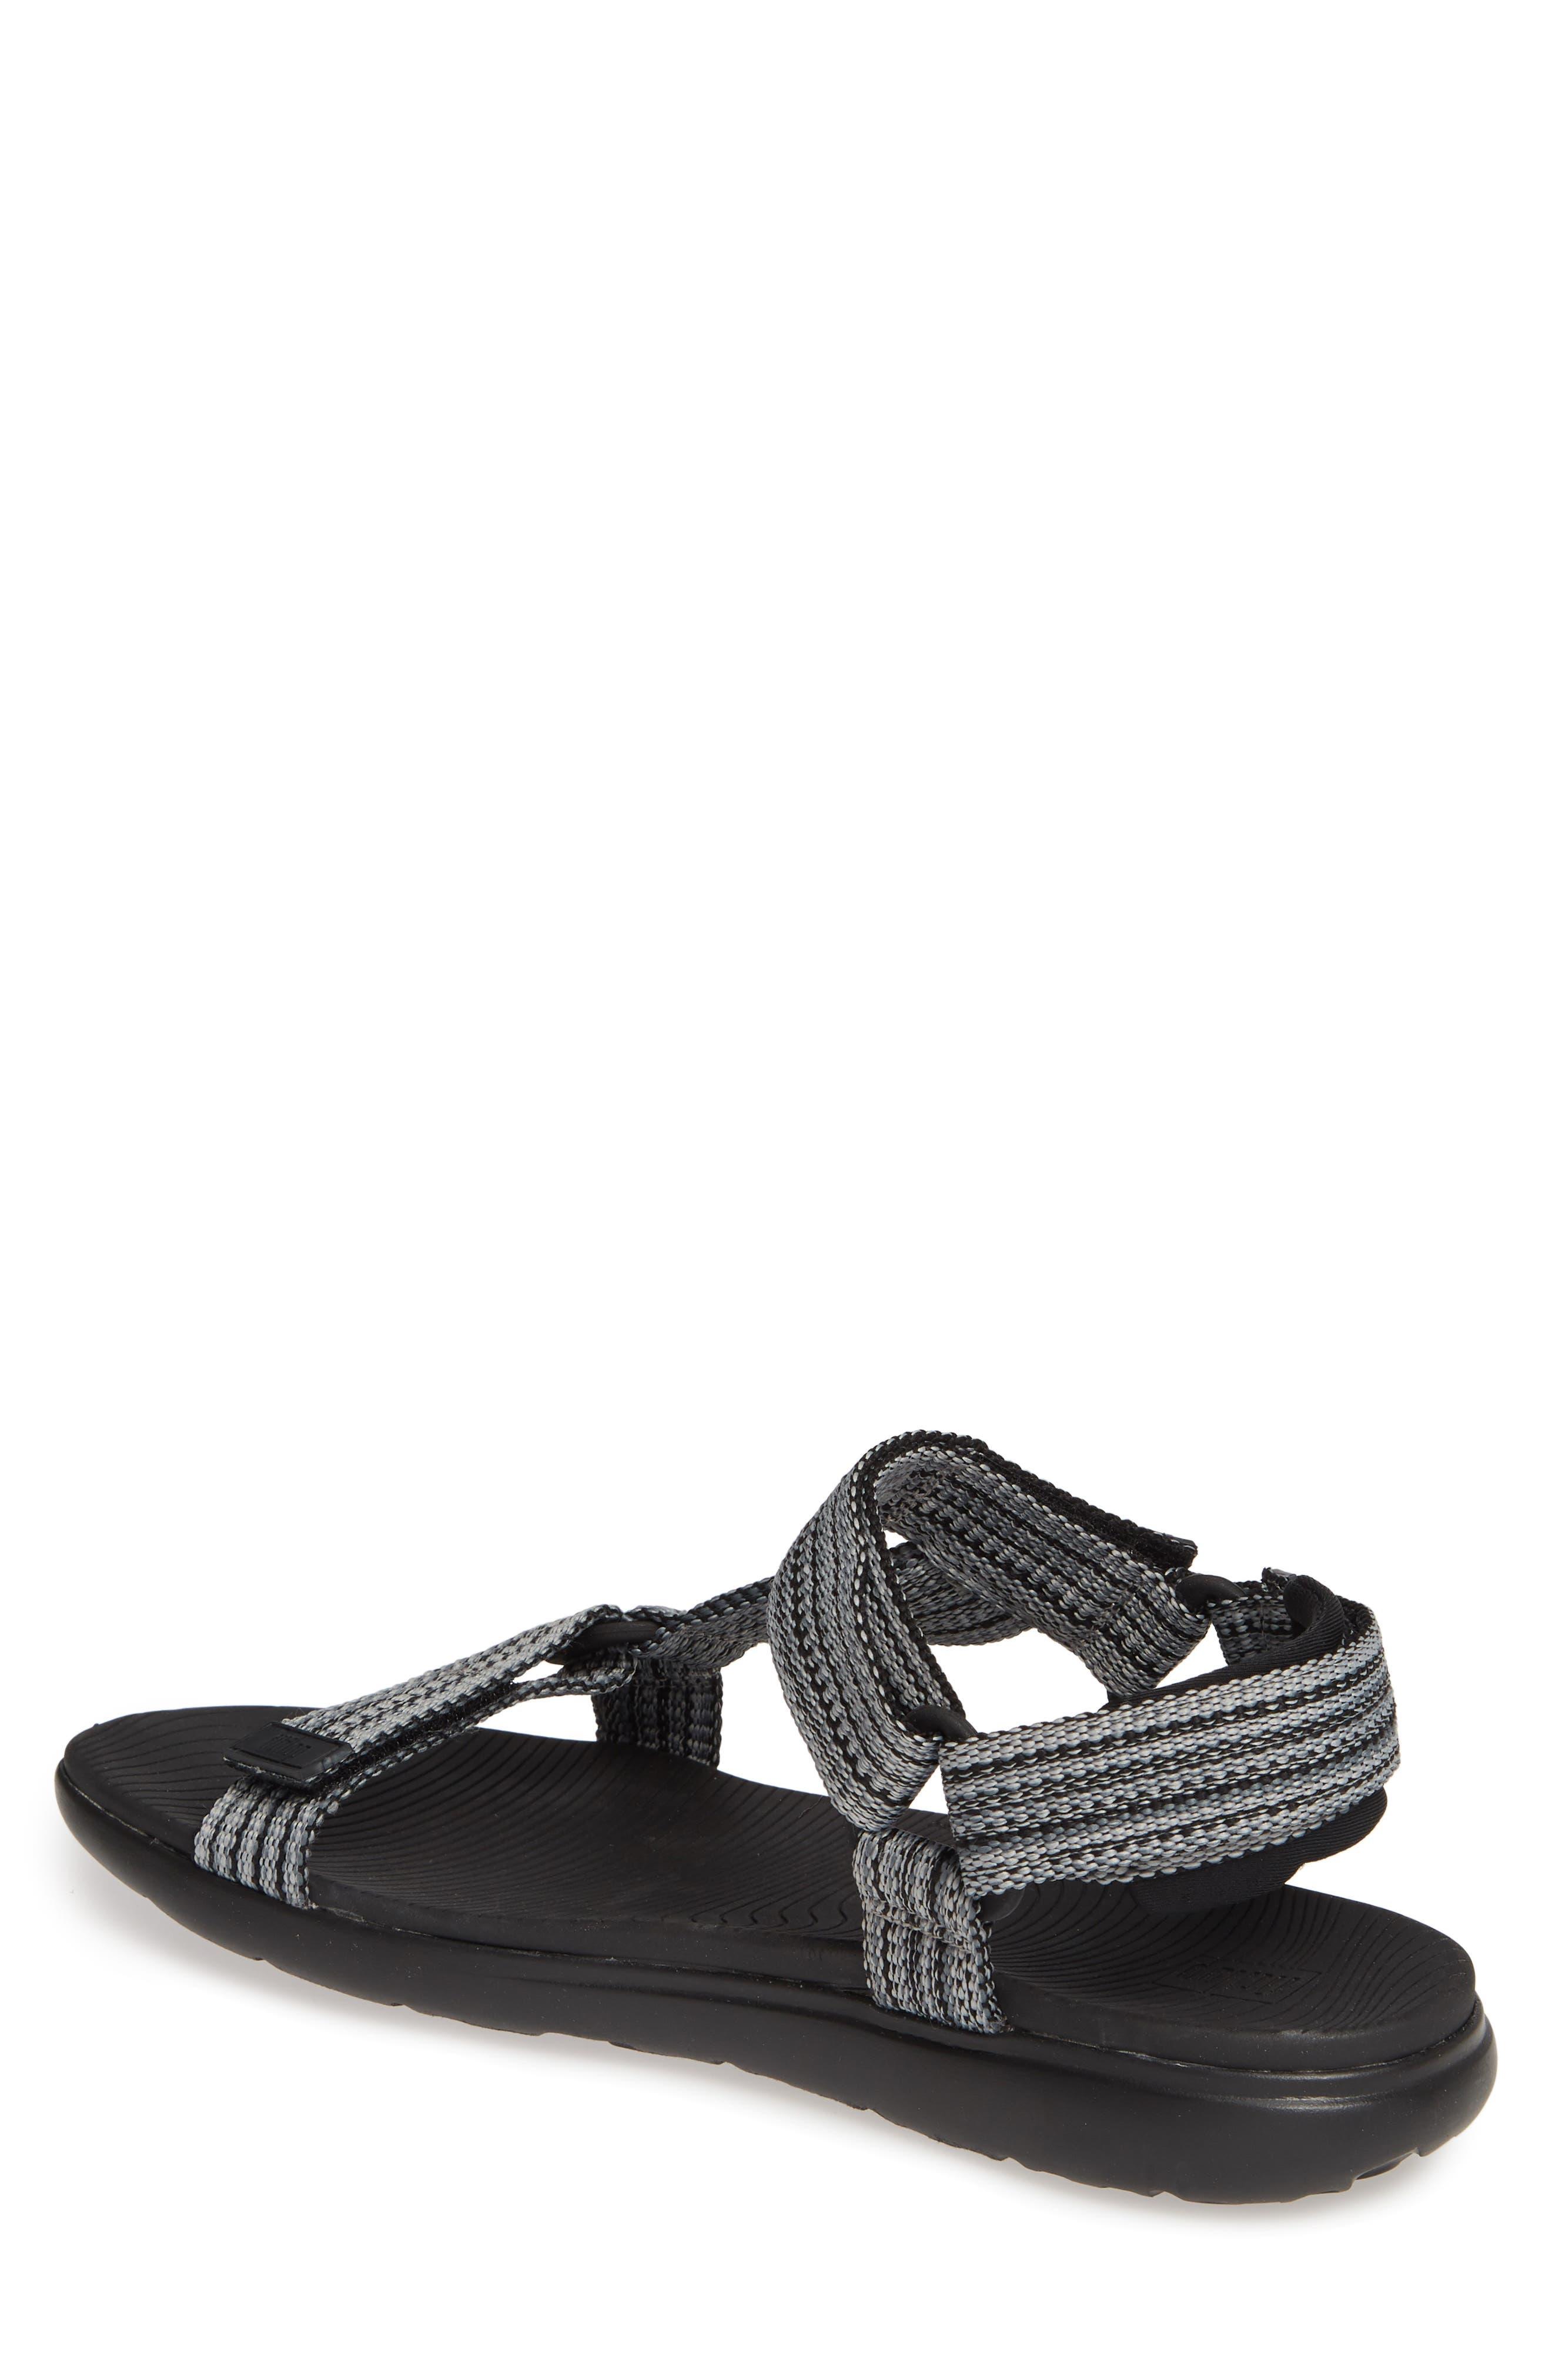 Freshweave Sport Sandal,                             Alternate thumbnail 2, color,                             BLACK KNIT